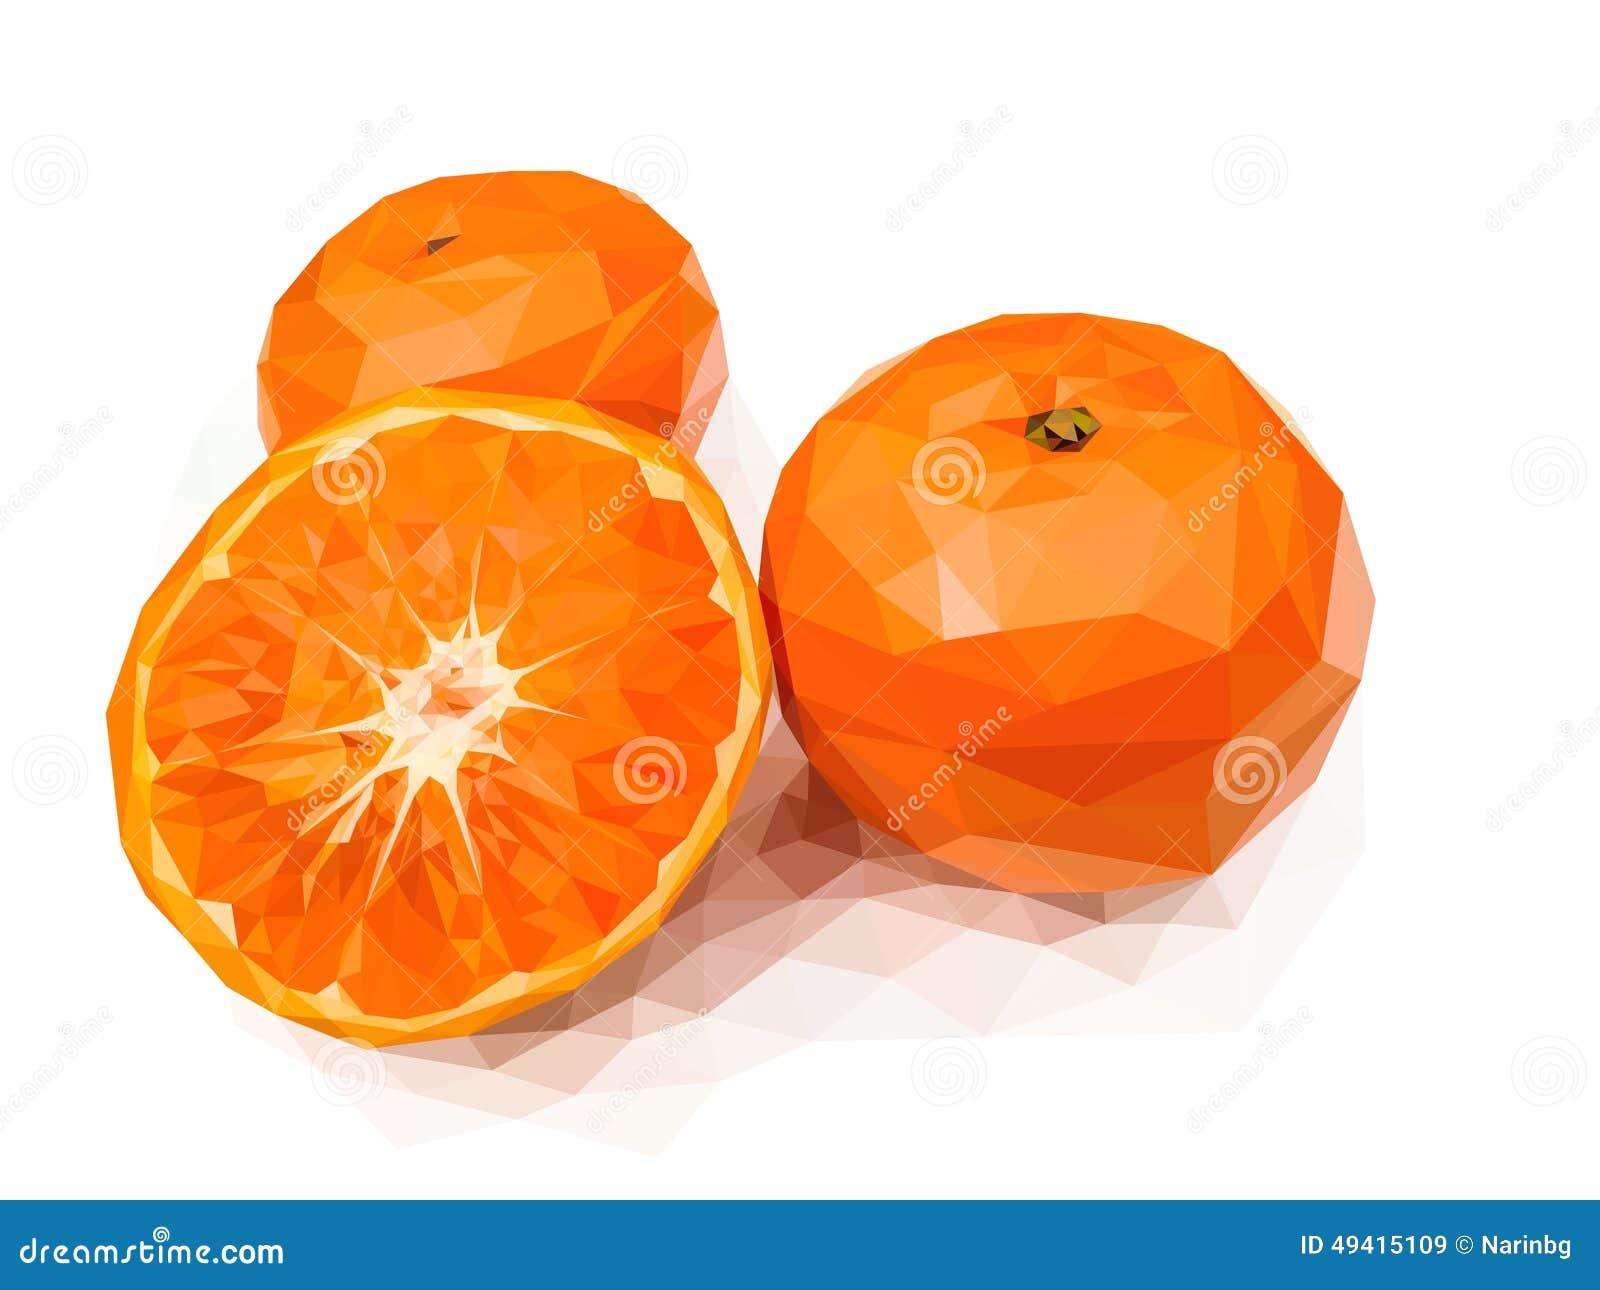 Download Orange vektor abbildung. Illustration von graphik, frucht - 49415109